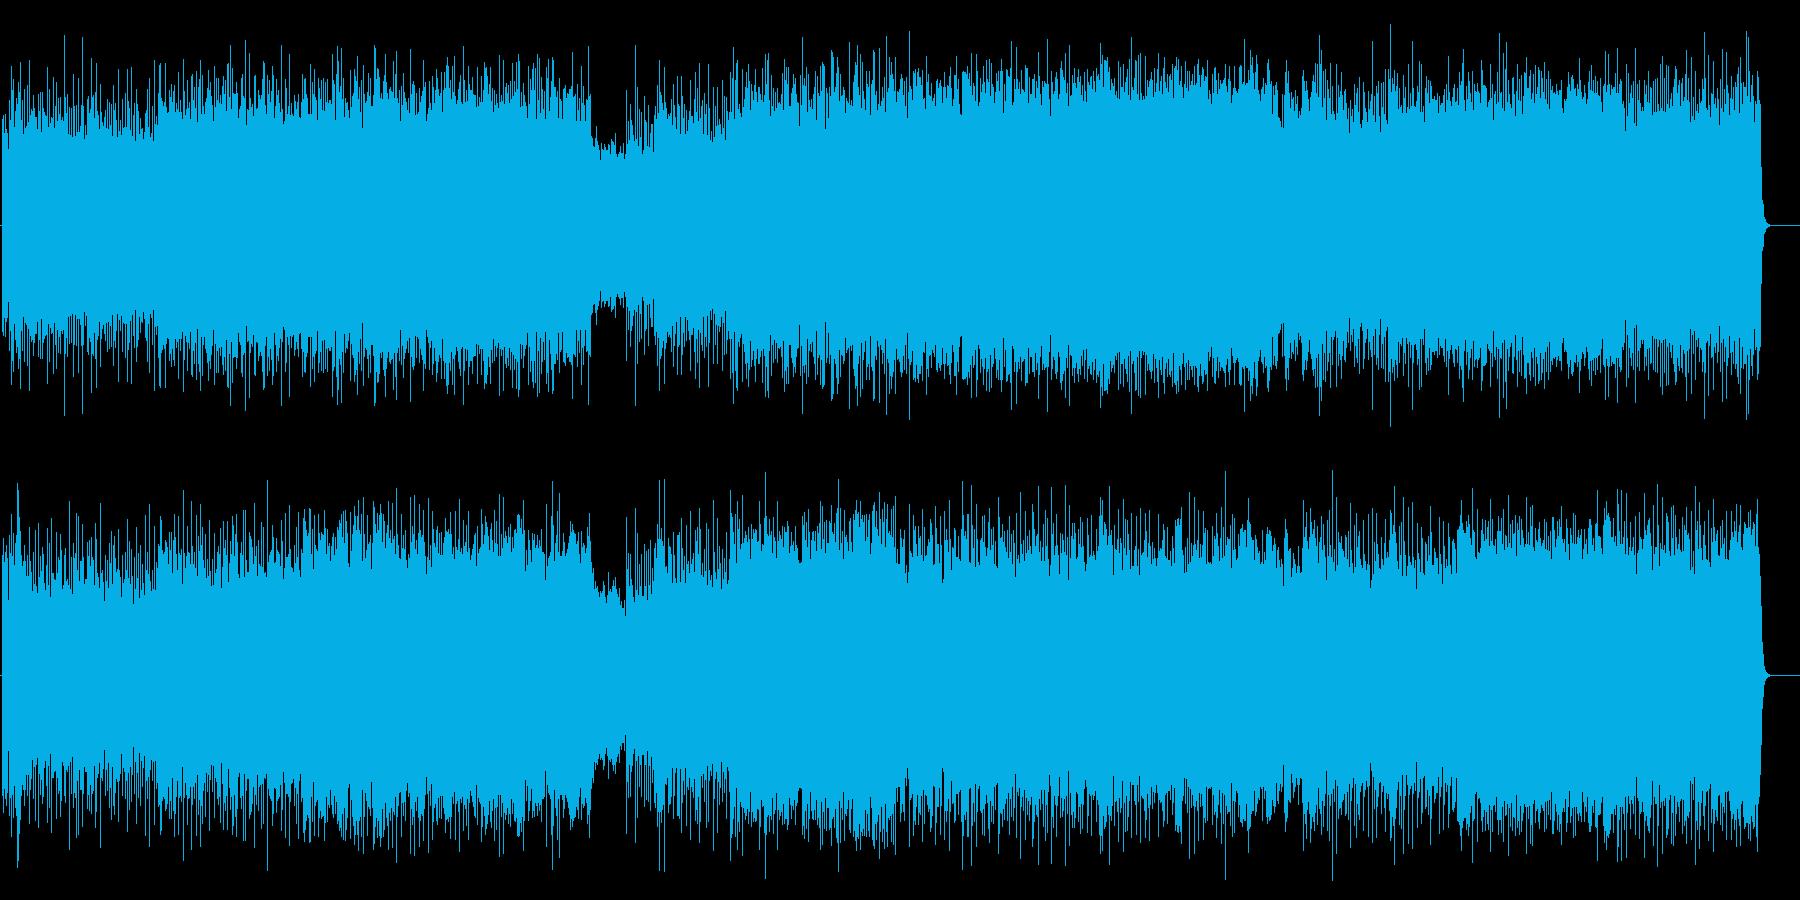 ドラマチックに展開する様式美マイナーHMの再生済みの波形